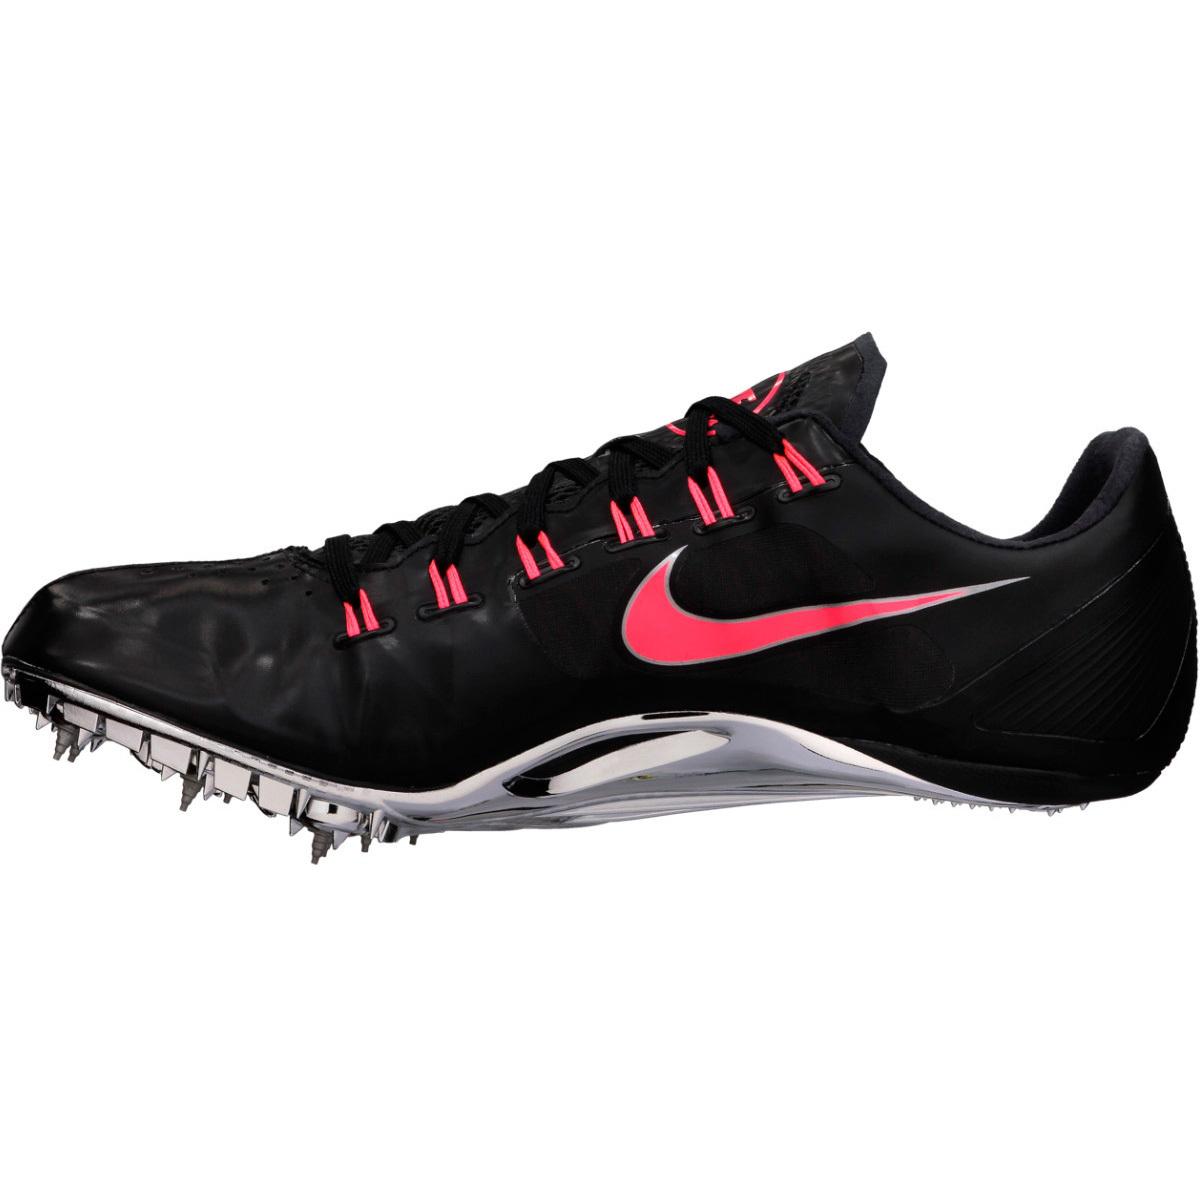 132c8ad2501d Nike Super Fly R4 Шиповки спринт - купить в интернет-магазине Five-sport